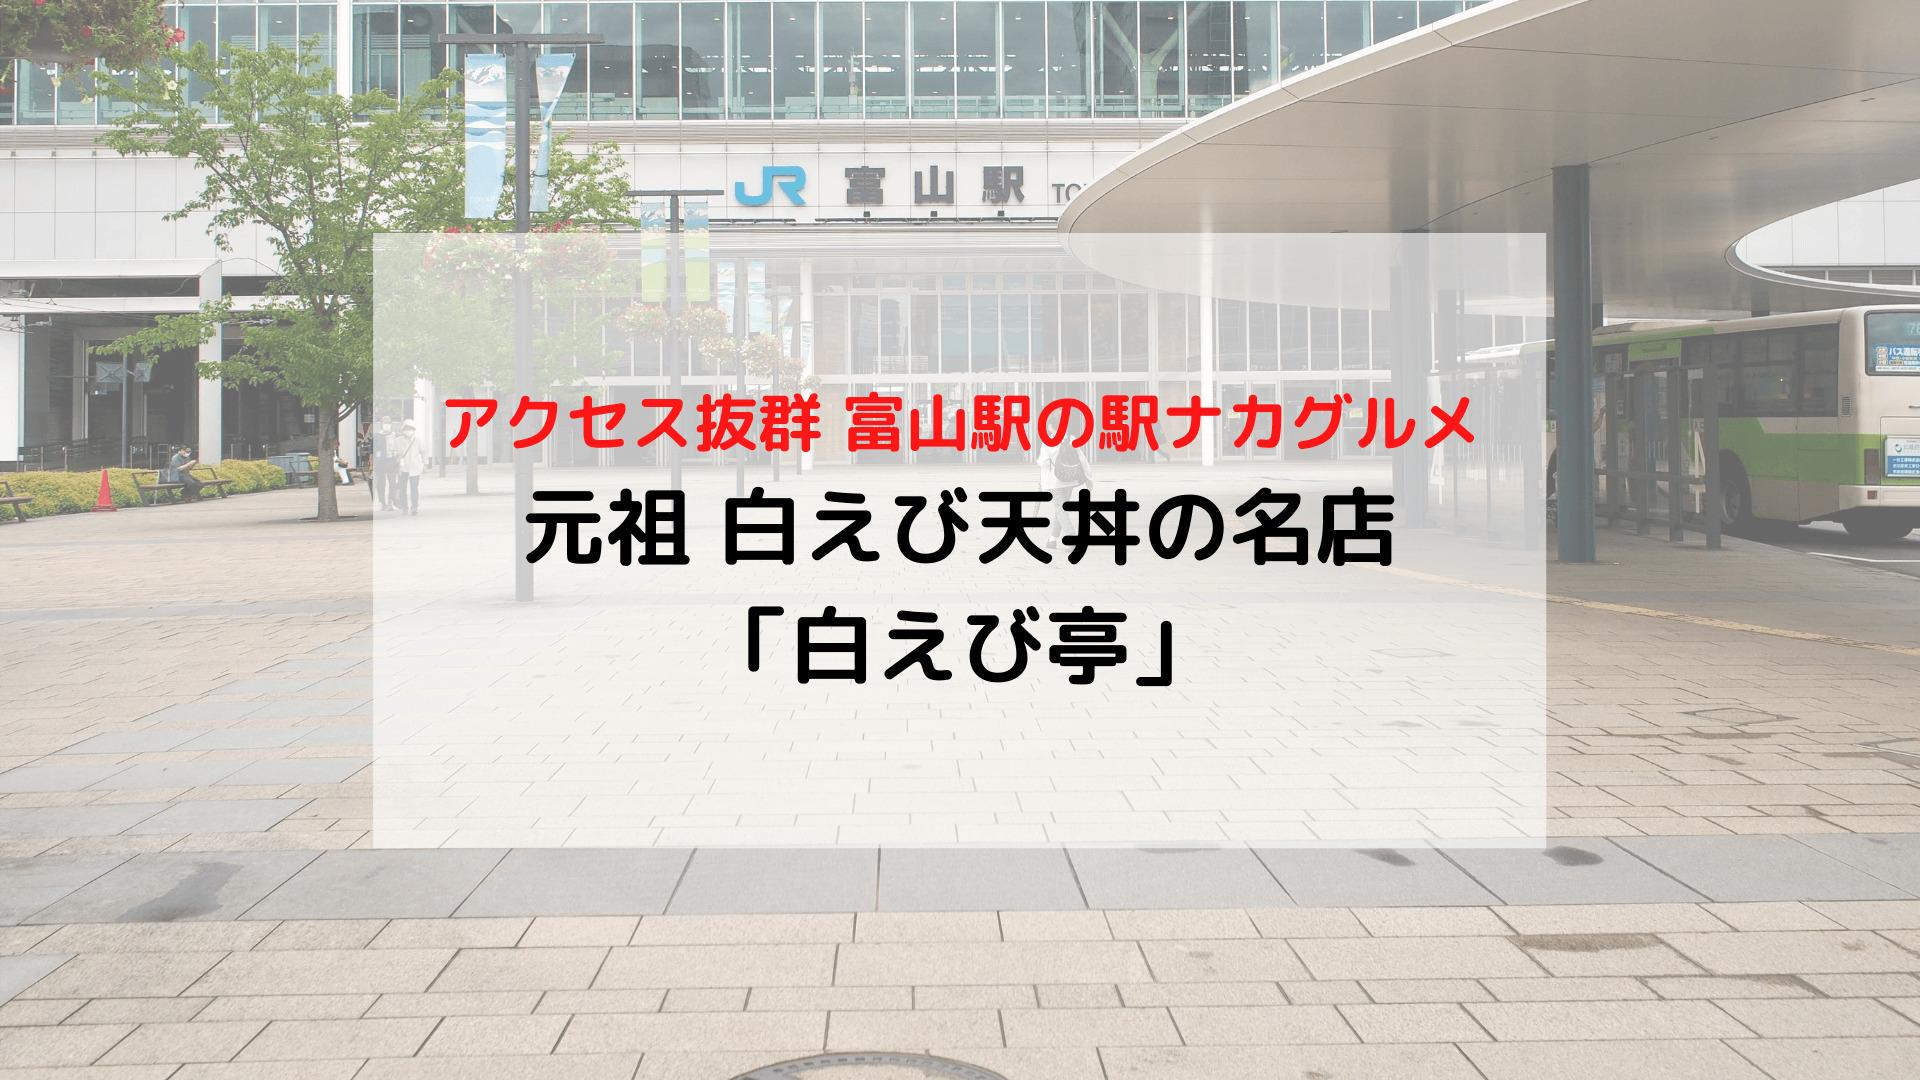 富山駅 駅ナカグルメ 元祖白えび天丼の名店 白えび亭